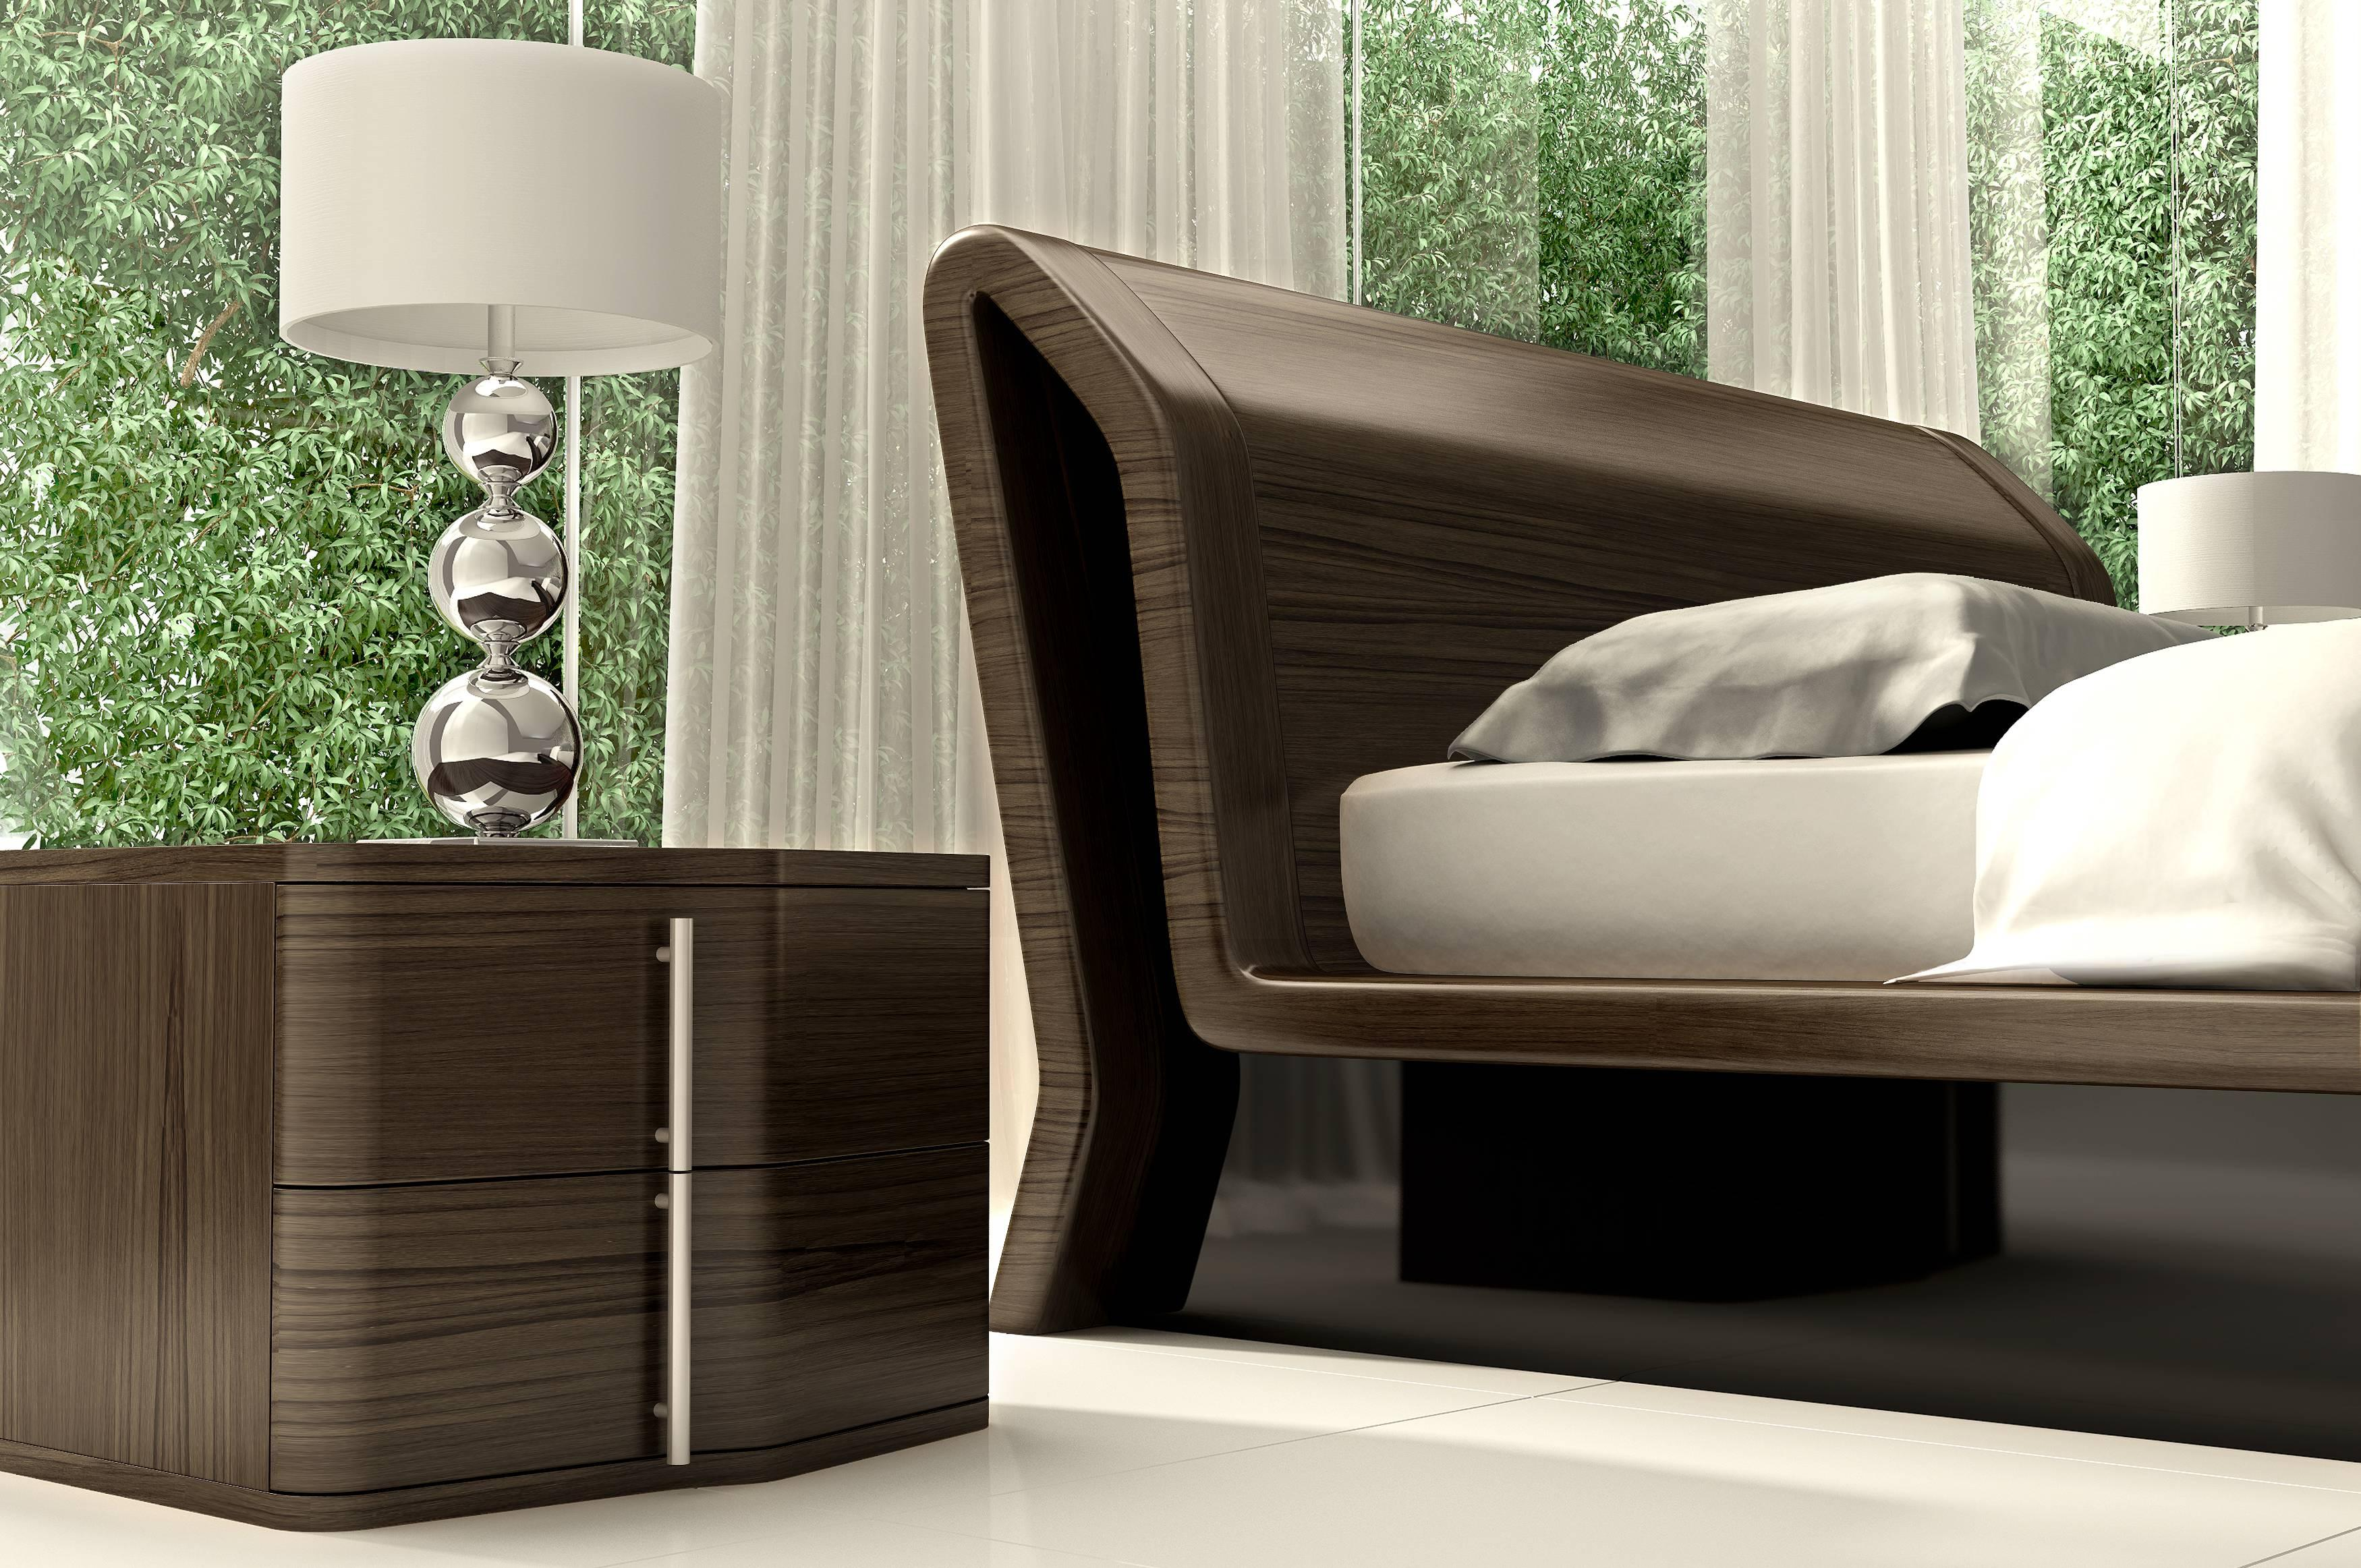 Arredamento camera da letto design 1 0 500 0 pezzi for Arredamento camera da letto economica